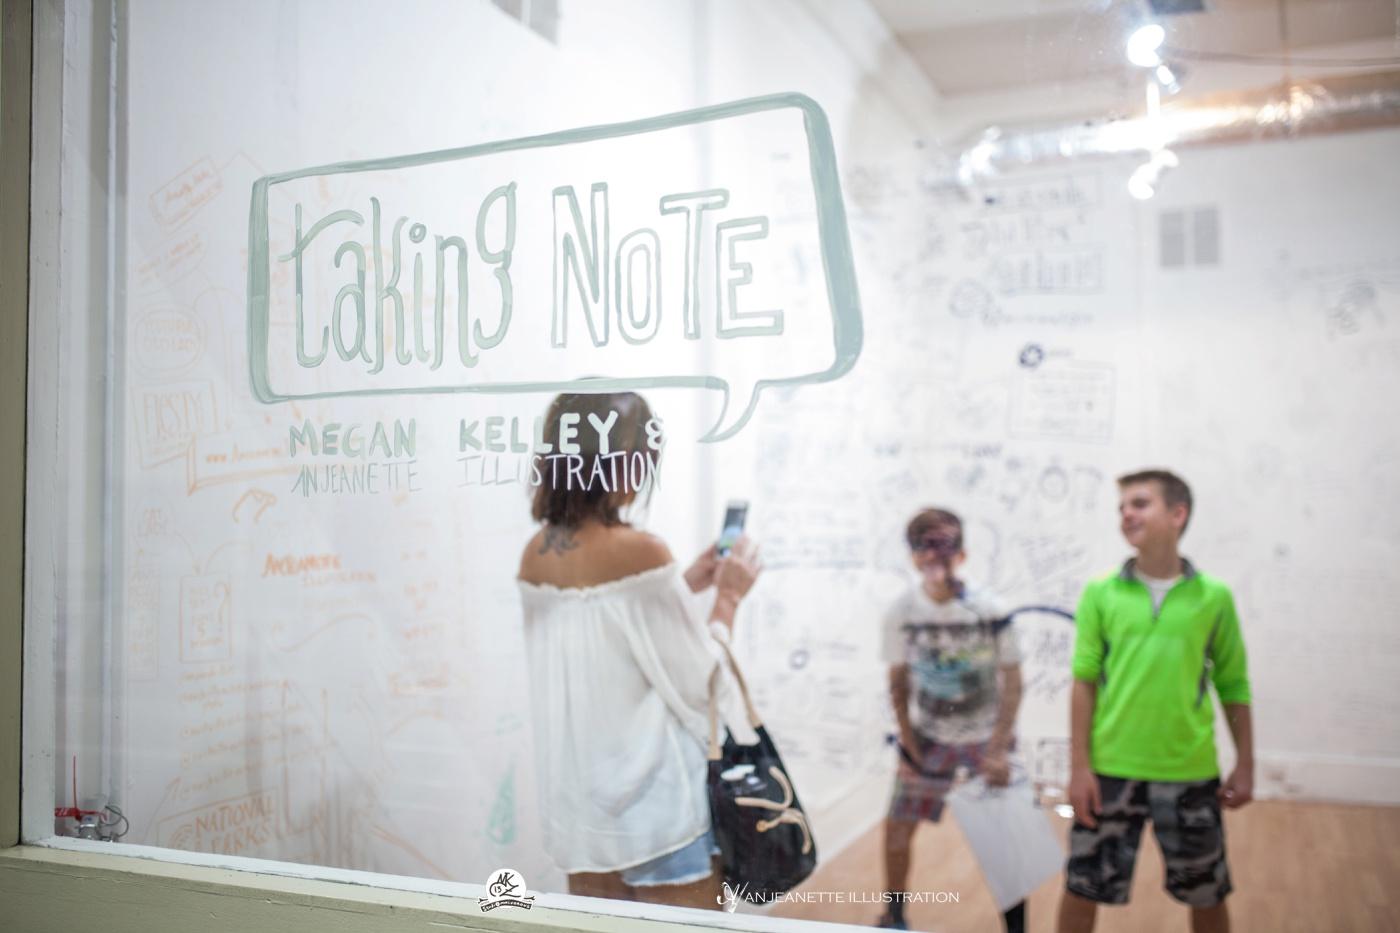 nashville art crawl taking note anjeanette illustration